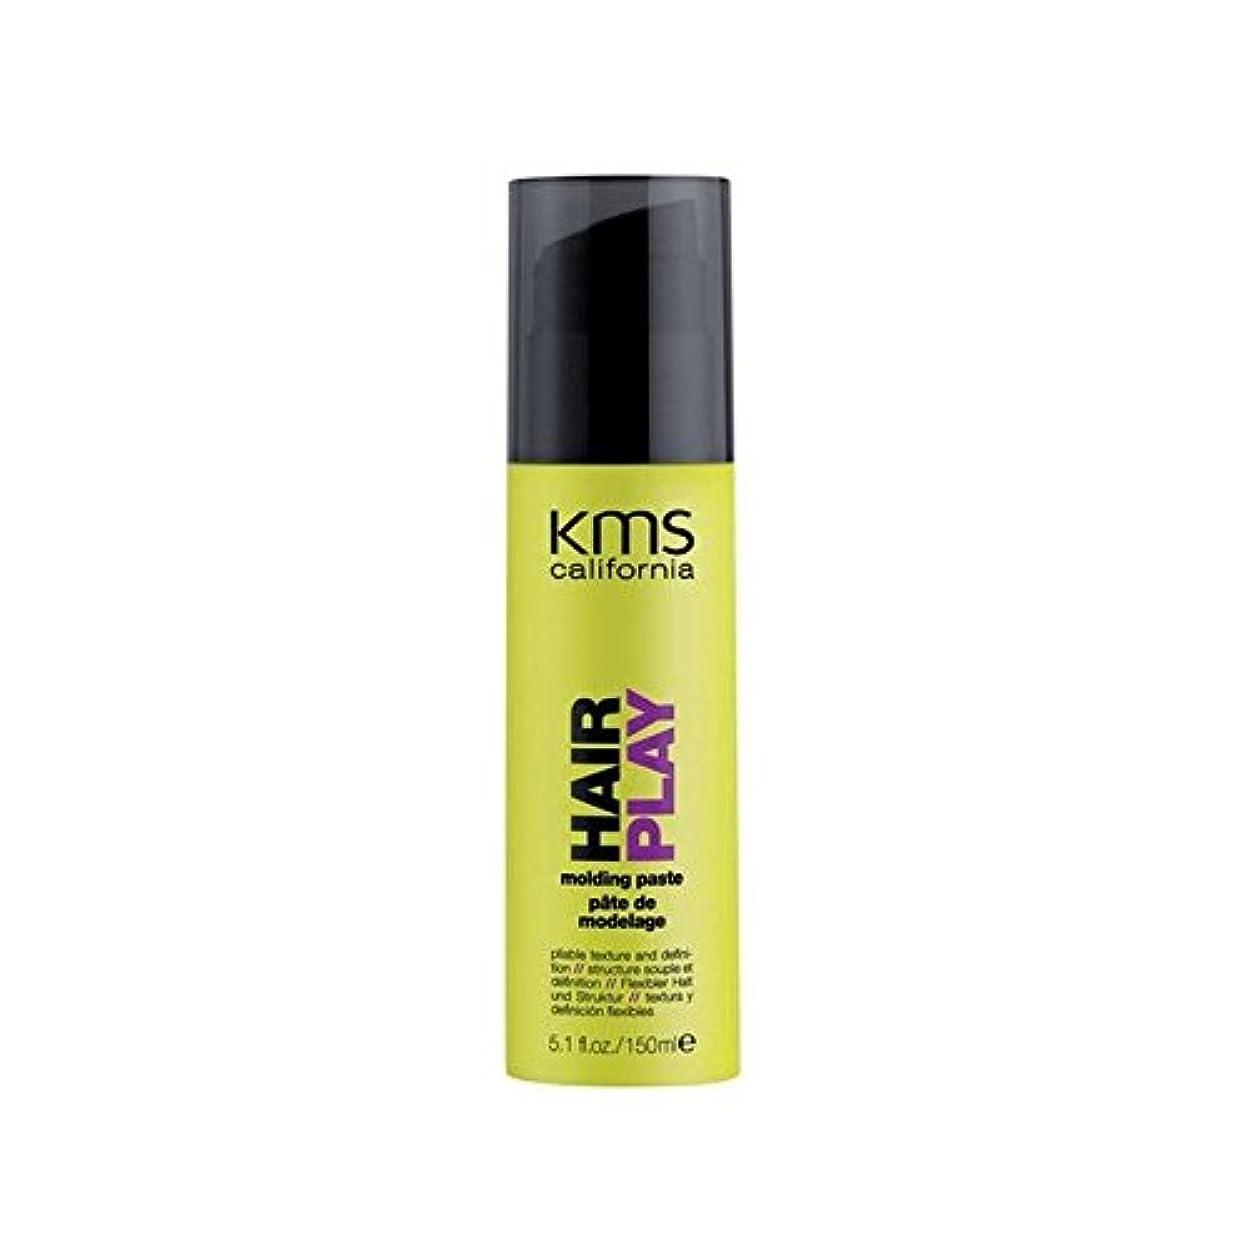 フリッパーフラスコ悲しいカリフォルニア成形ペースト(150ミリリットル) x2 - Kms California Hairplay Molding Paste (150ml) (Pack of 2) [並行輸入品]